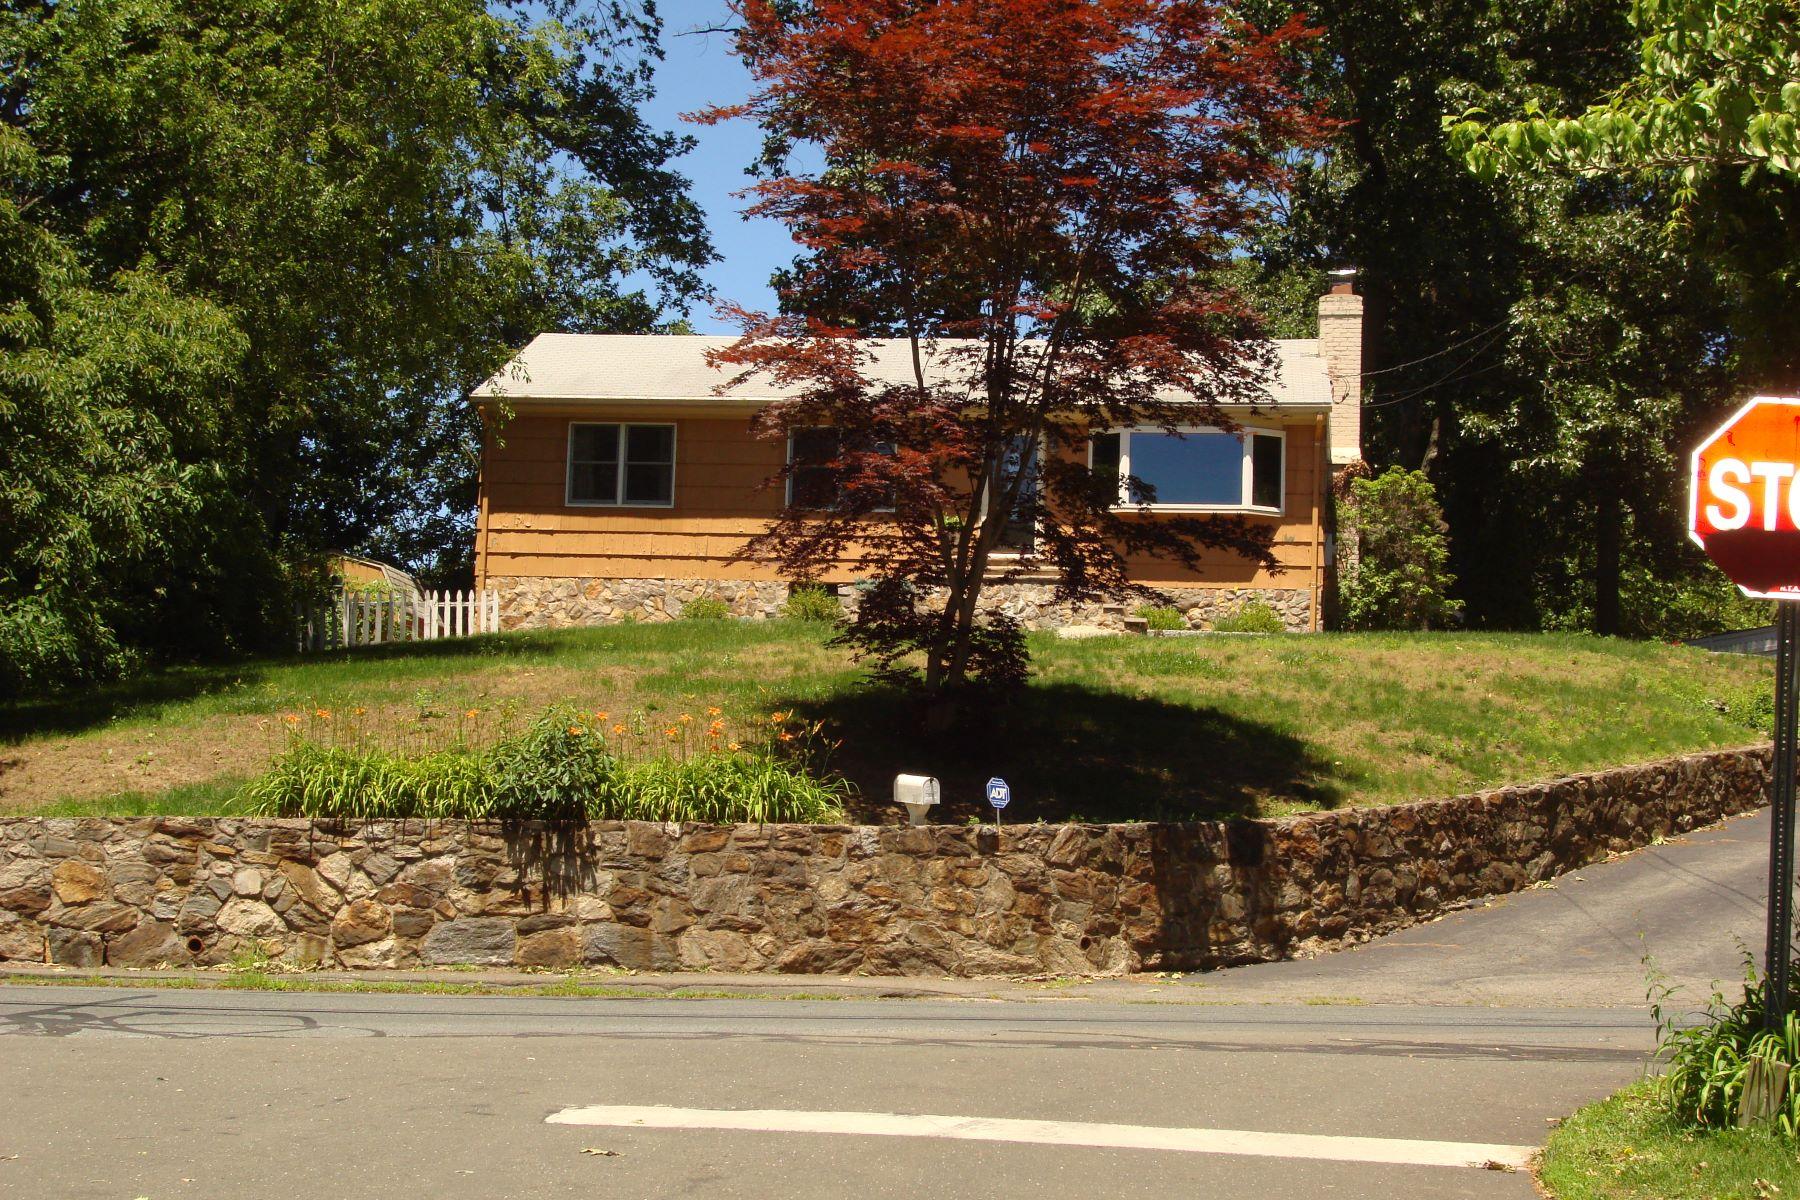 Частный односемейный дом для того Продажа на Well Maintained 332 West Cedar Street Norwalk, Коннектикут, 06854 Соединенные Штаты